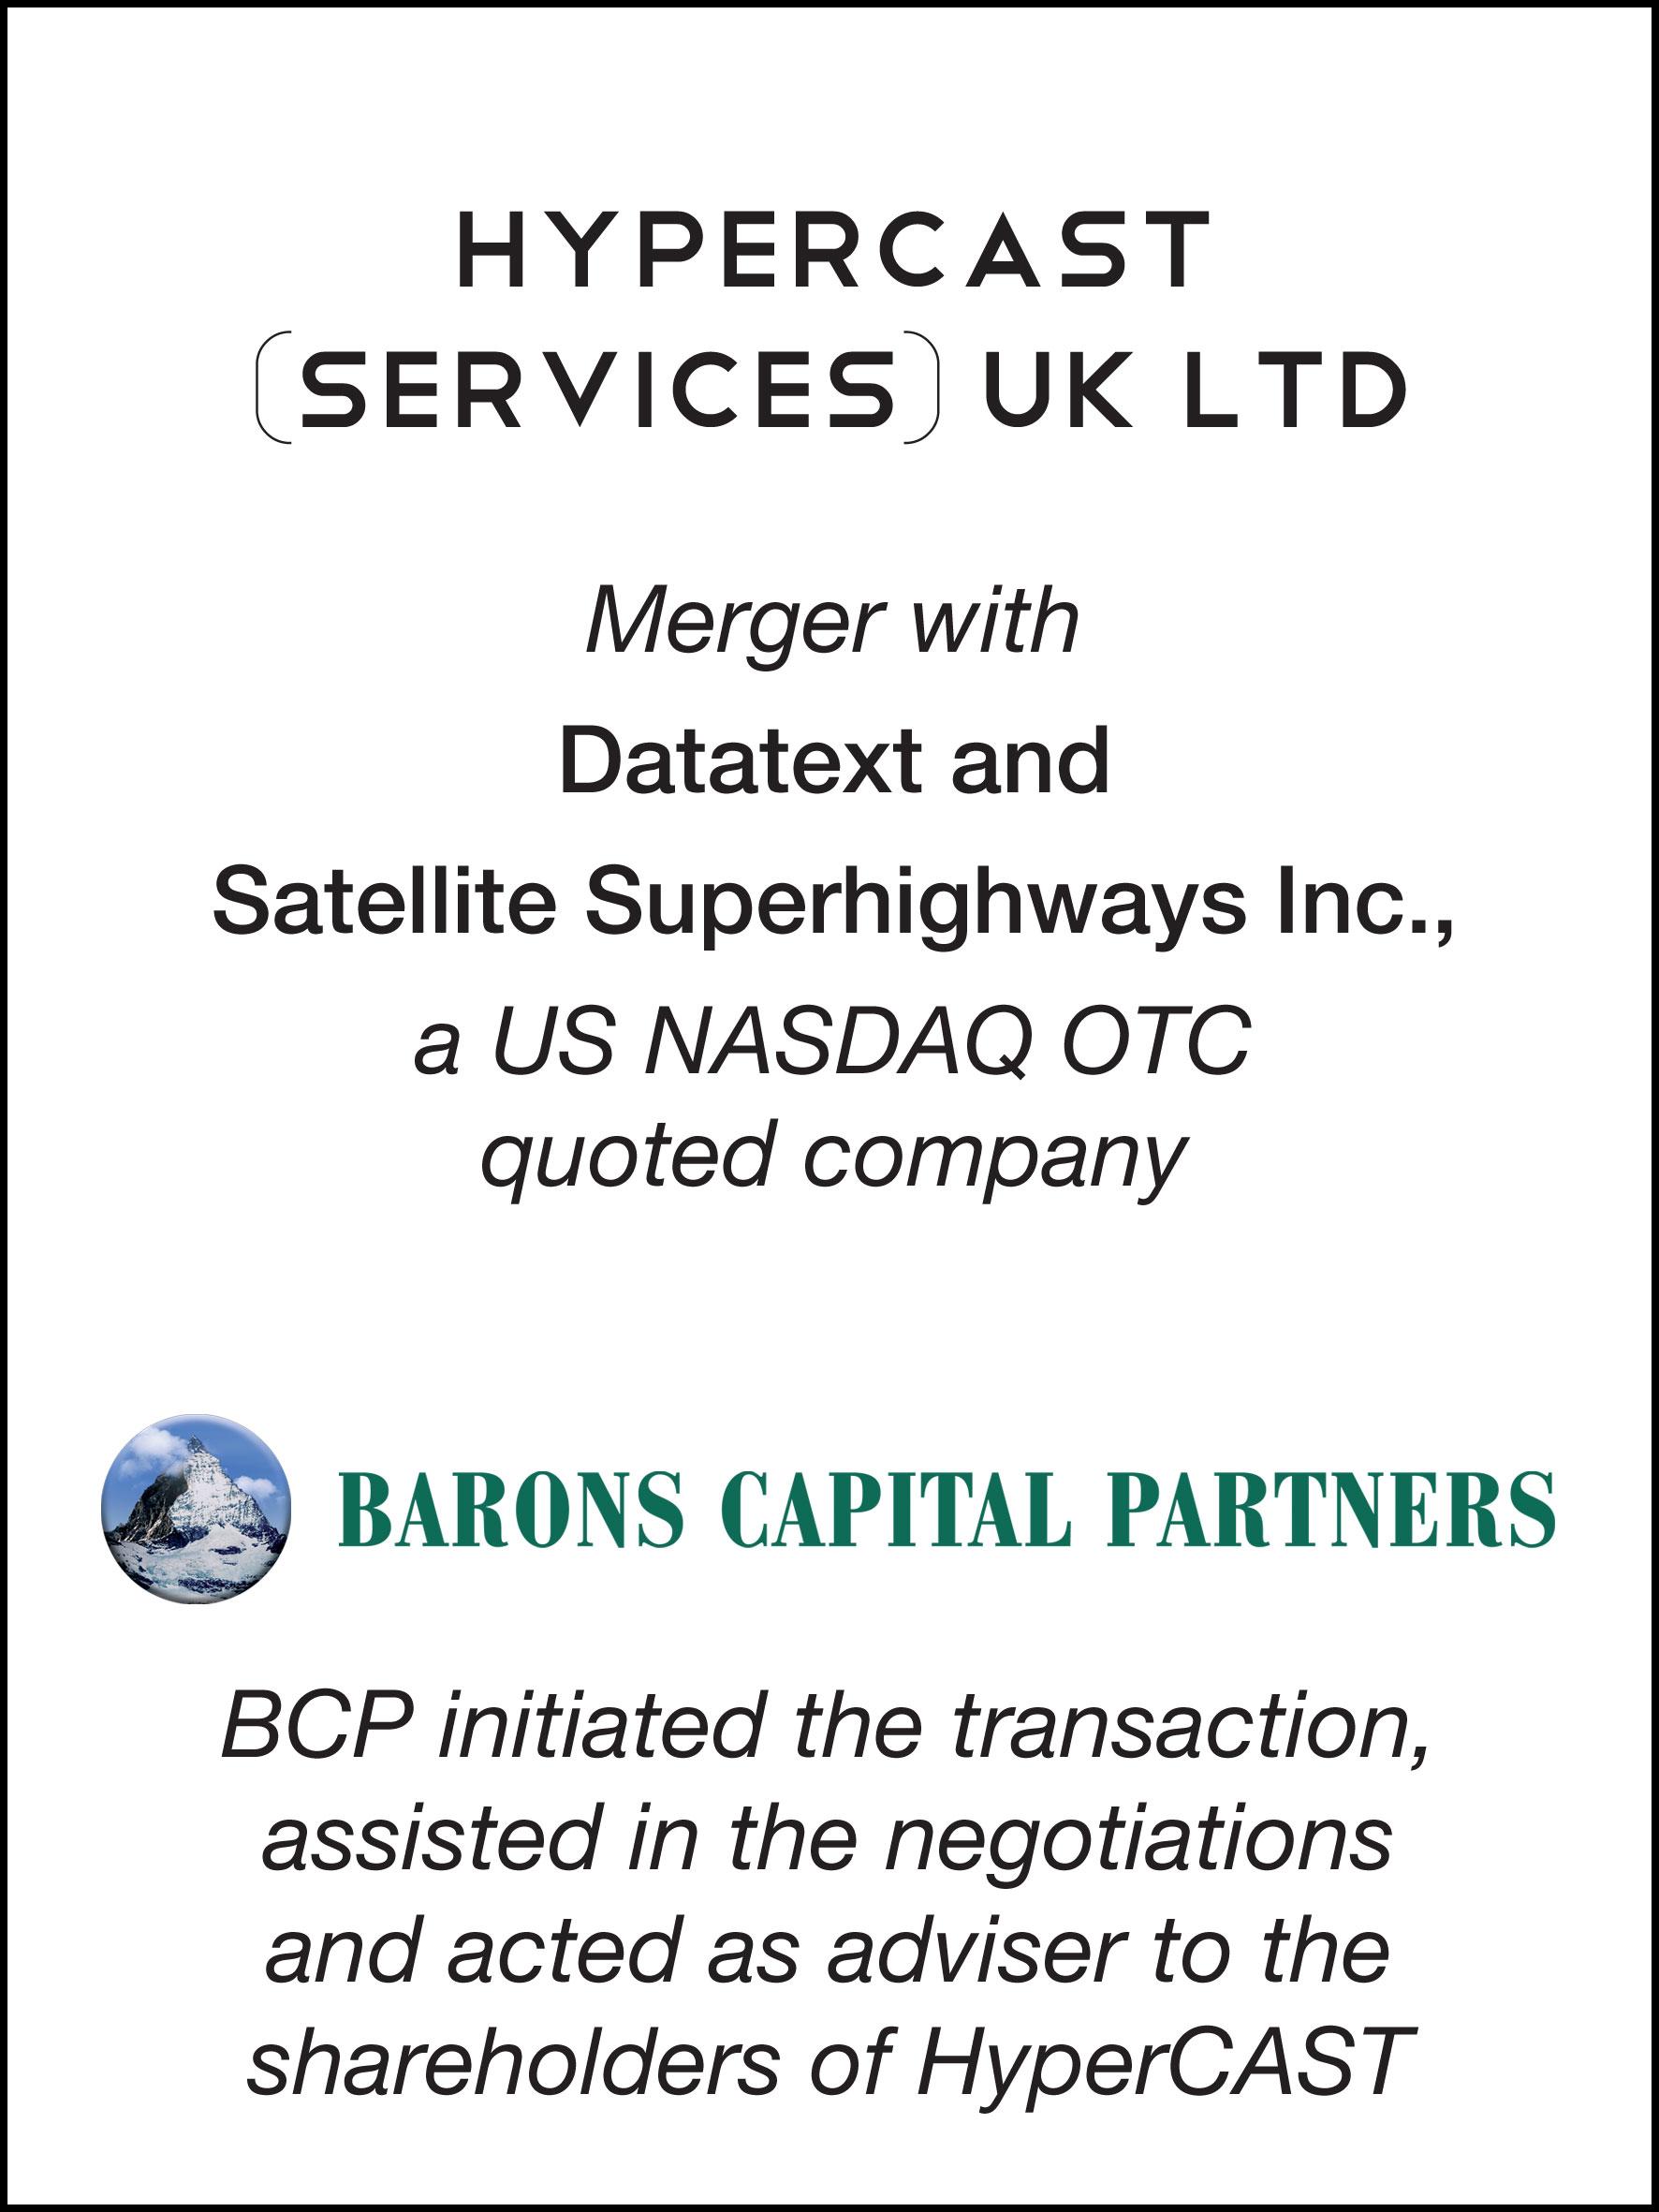 40_HyperCAST (Services) UK Ltd